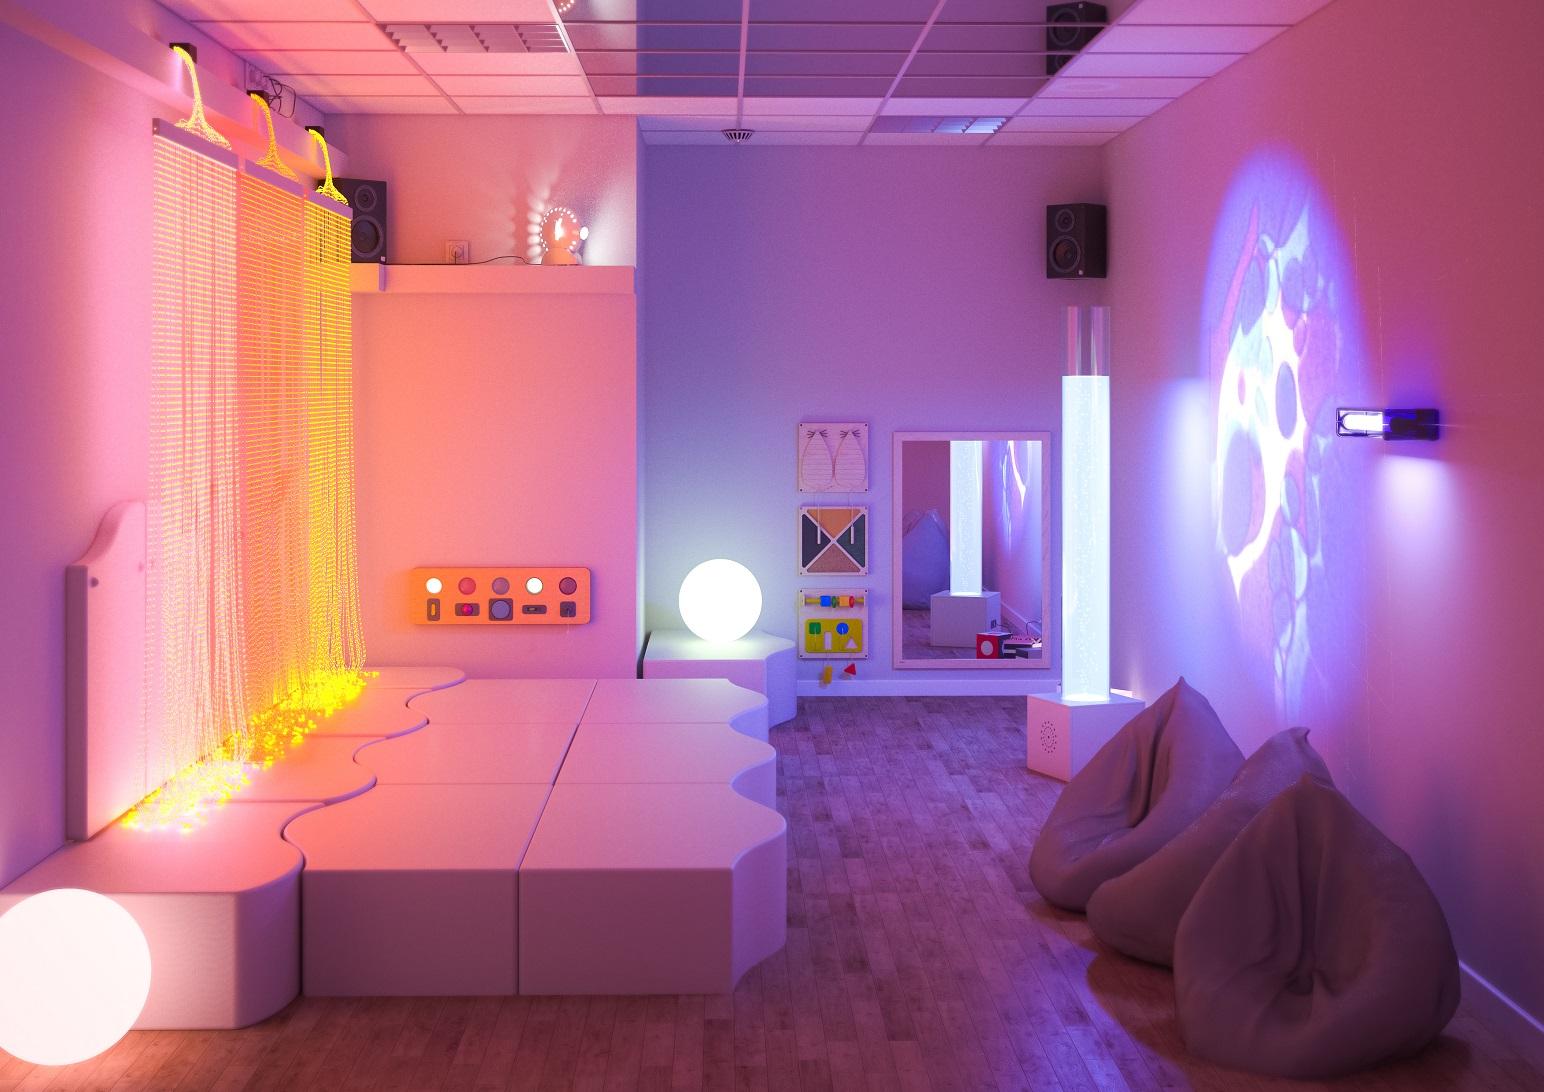 Sala doświadczania świata do pobudzania wielu bodźców: światła, dźwięku, dotyku, zapachu